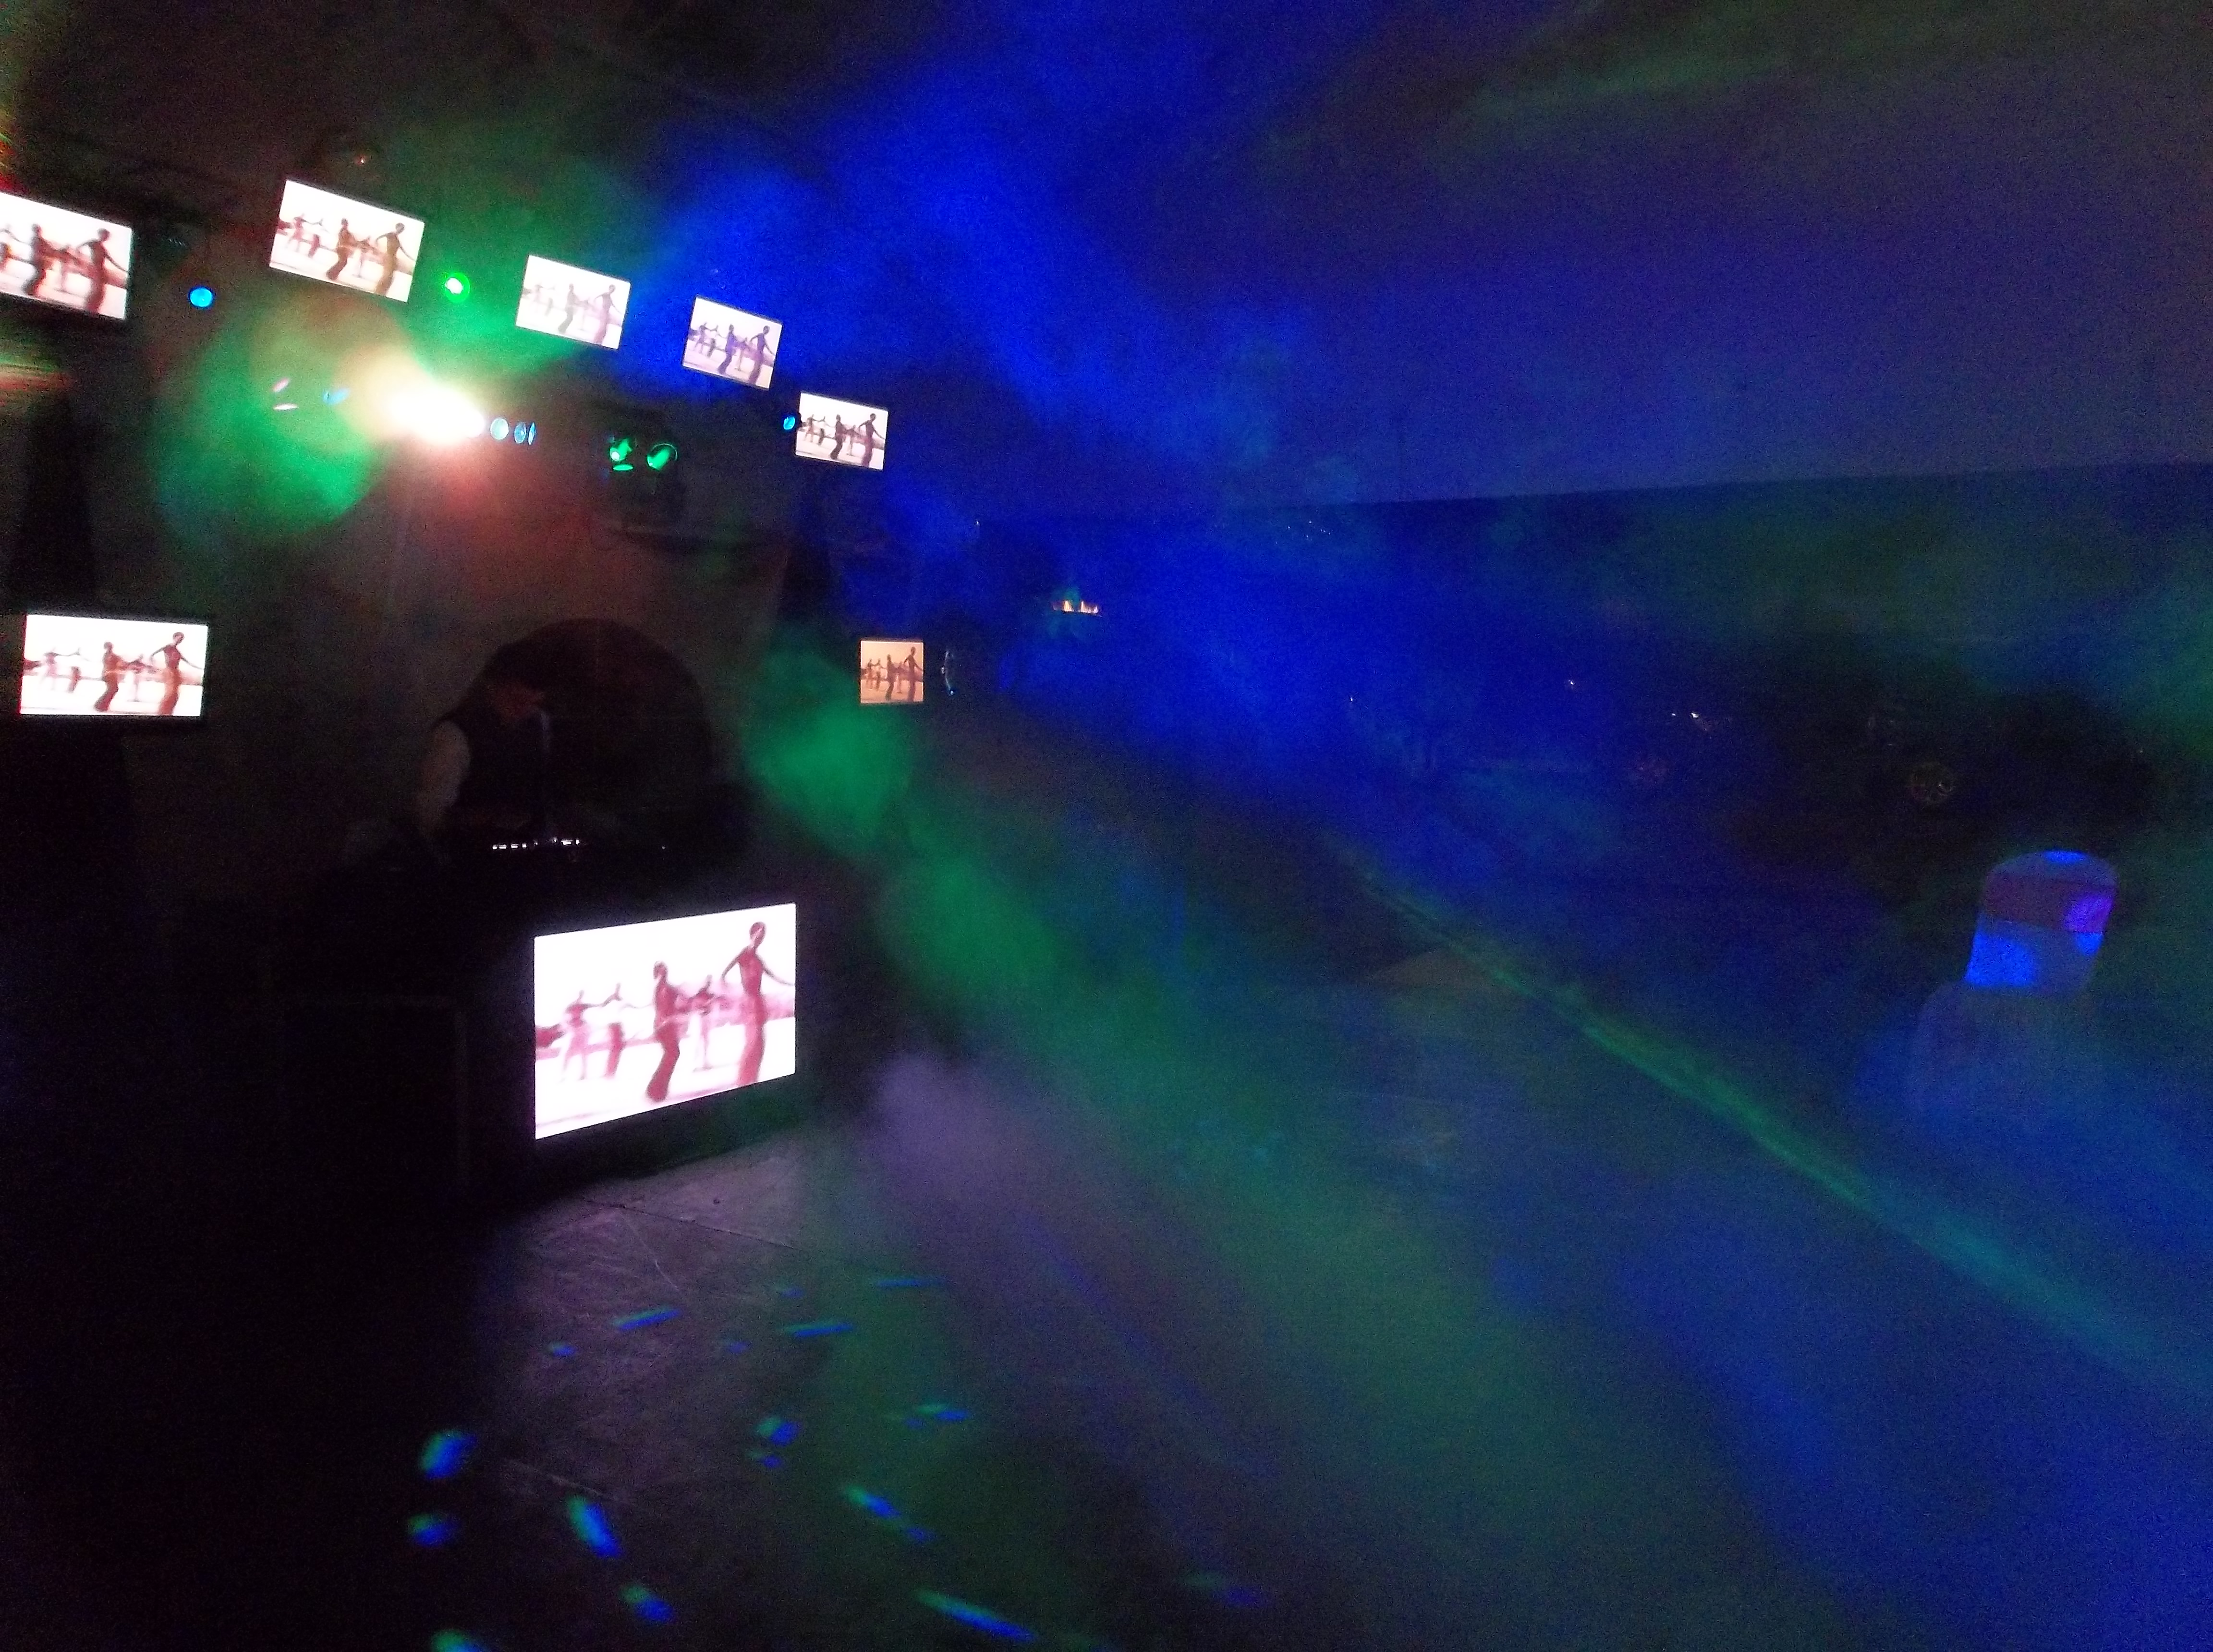 Alquiler de sonido luces y pantallas para fiestas y eventos 0